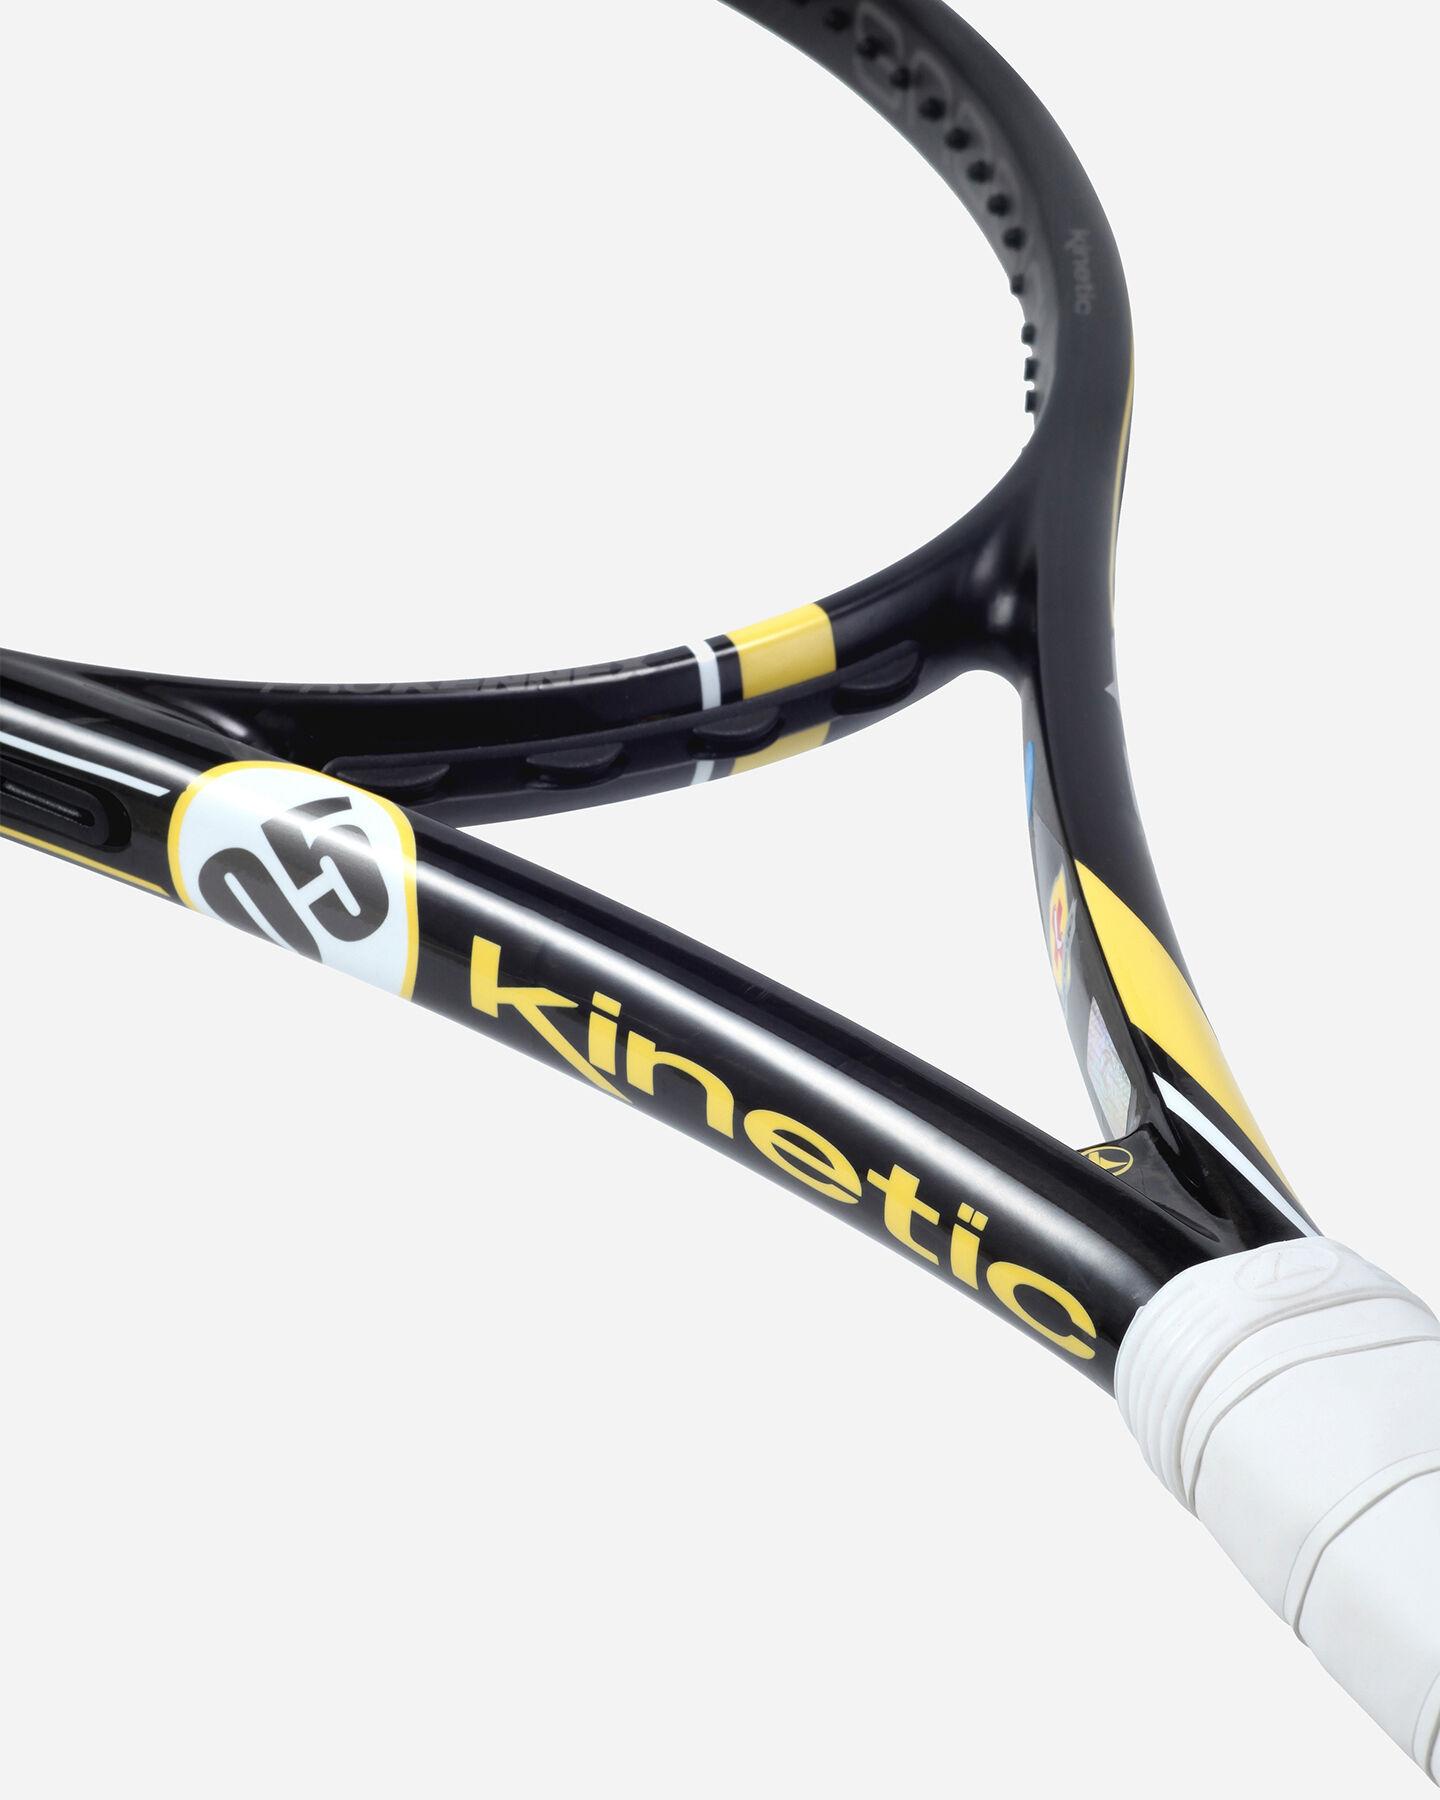 Telaio tennis PRO KENNEX Q+5 S4066036 scatto 2